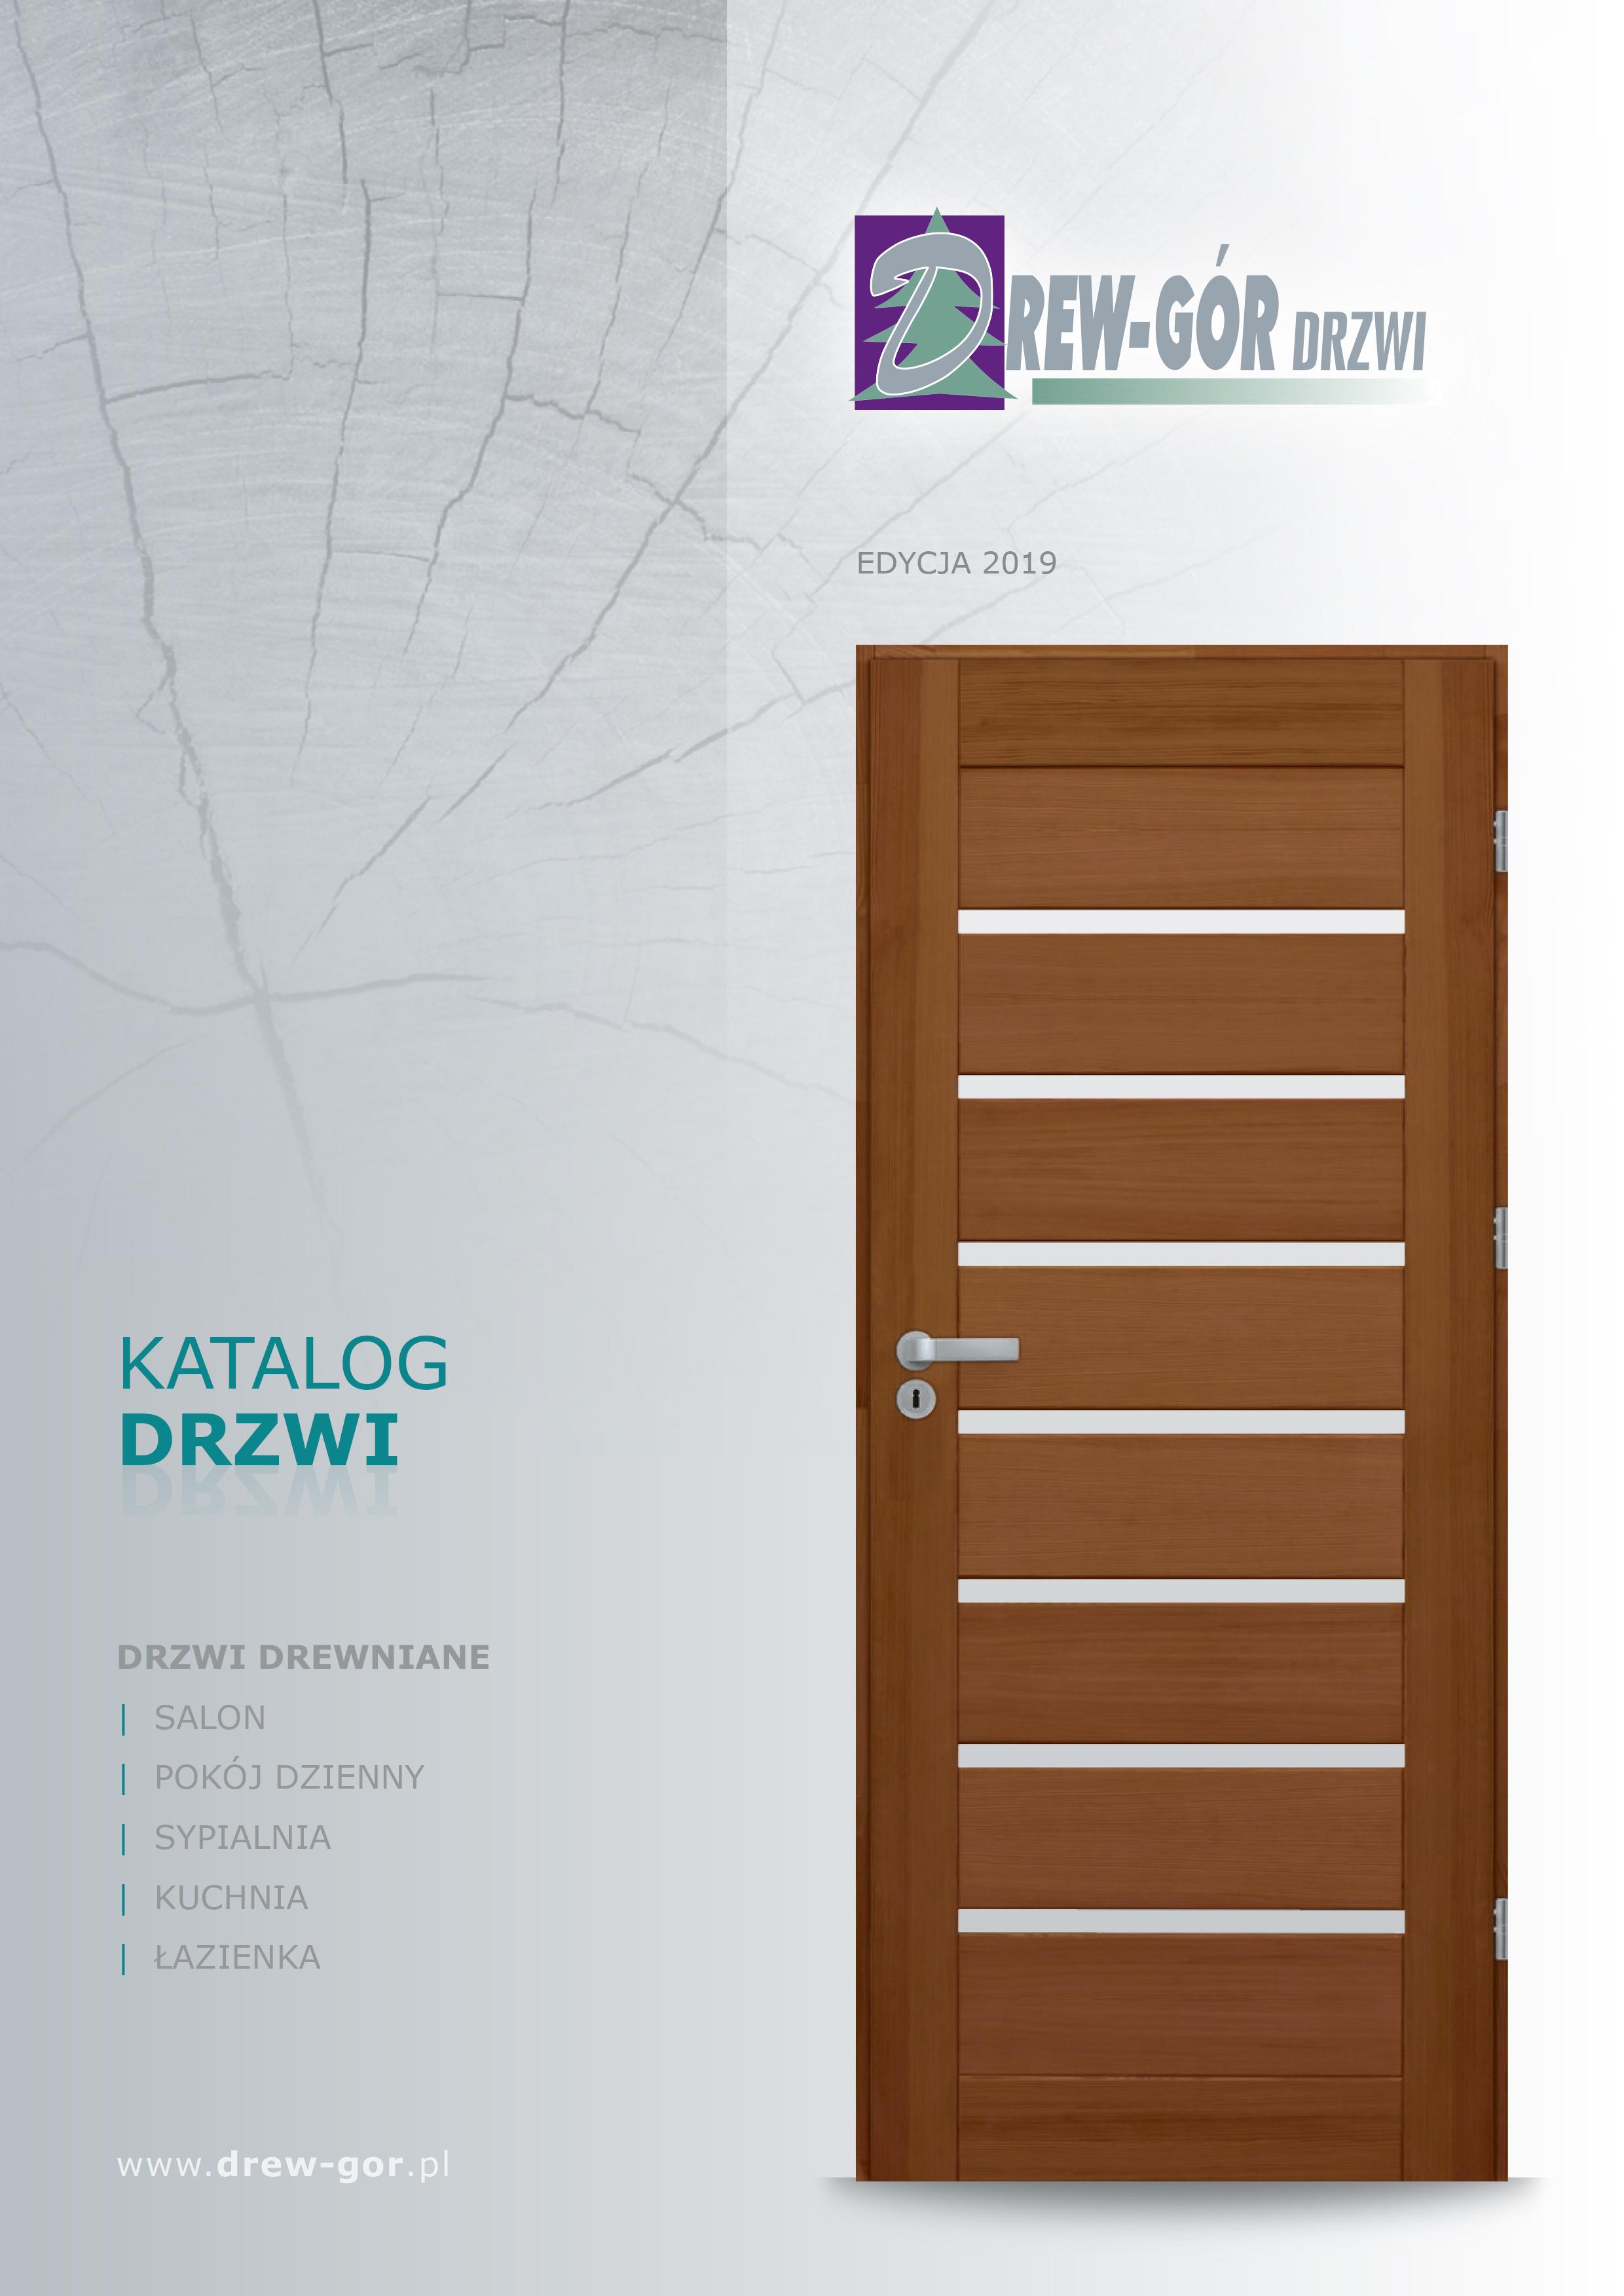 Drew-Gór Drzwi Katalog 2019r